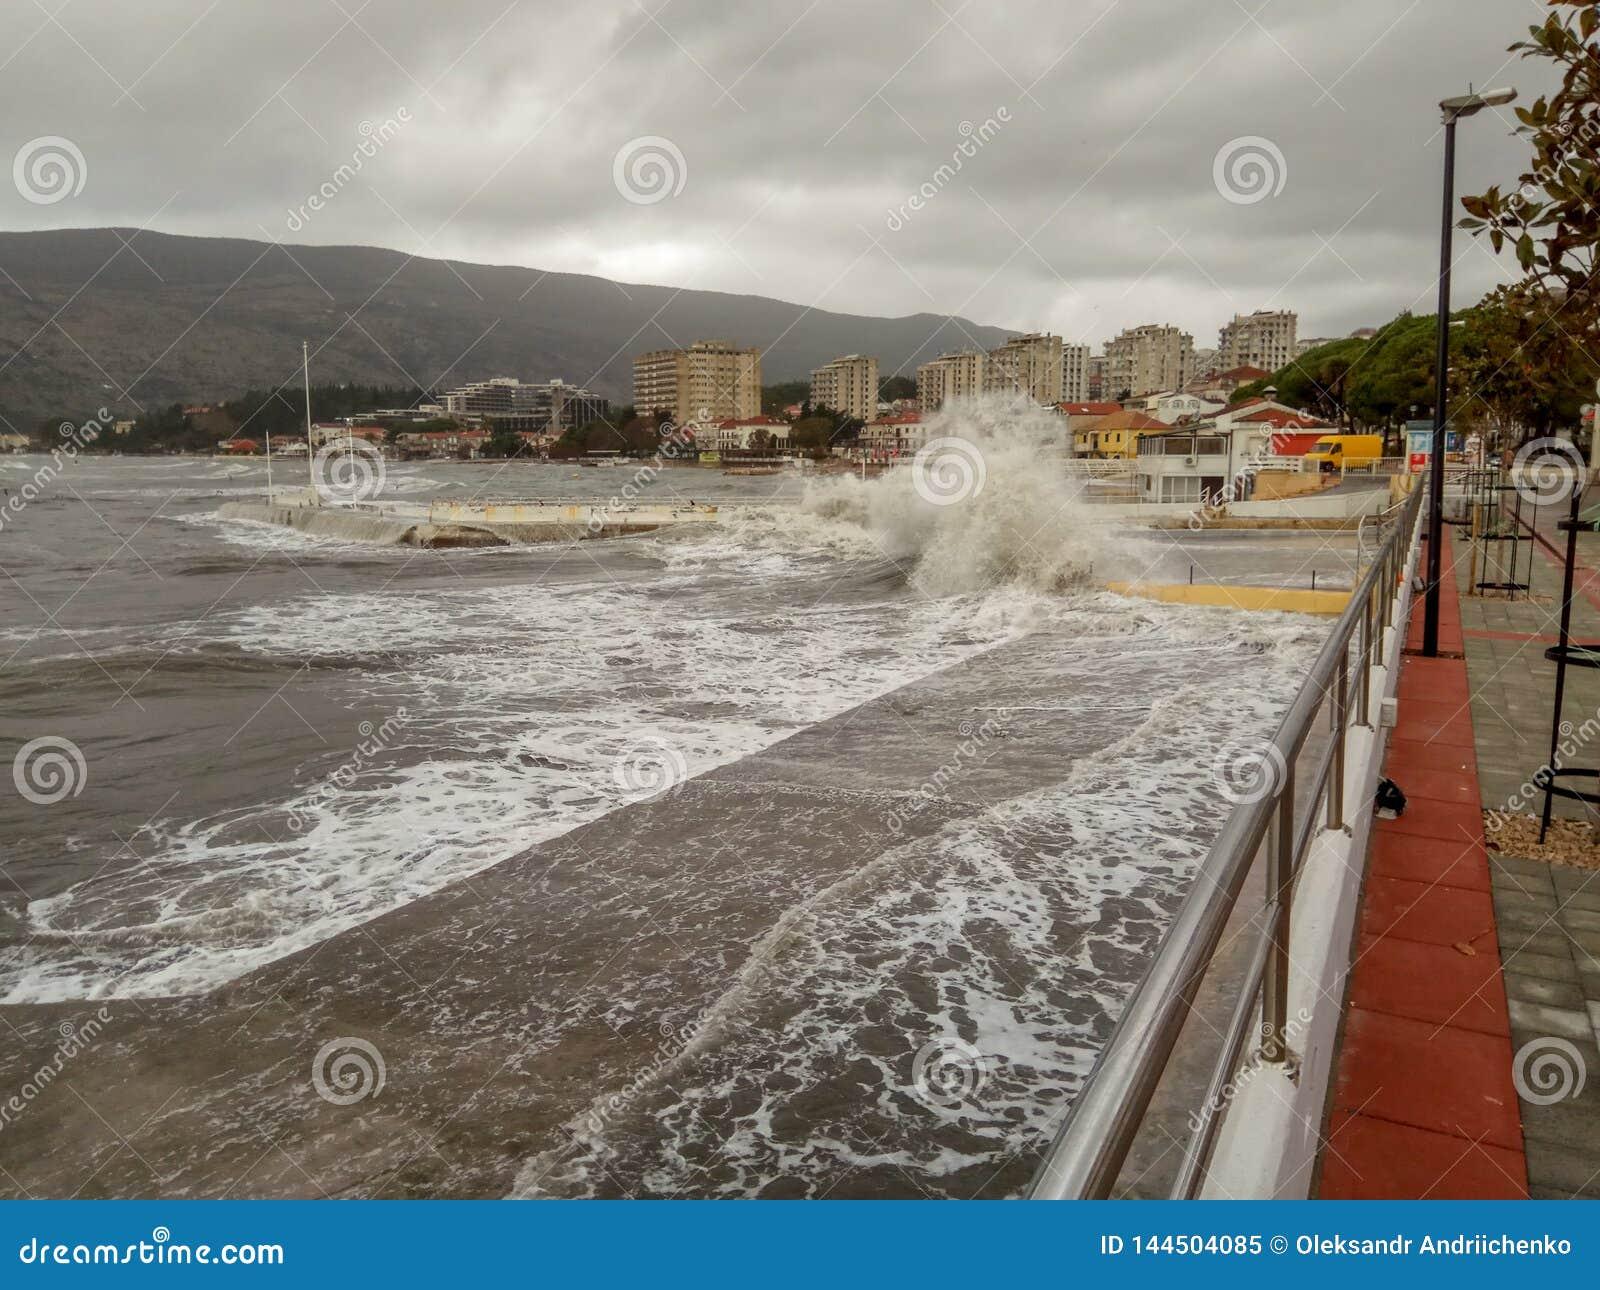 Tormenta en el mar, embarcadero por el mar